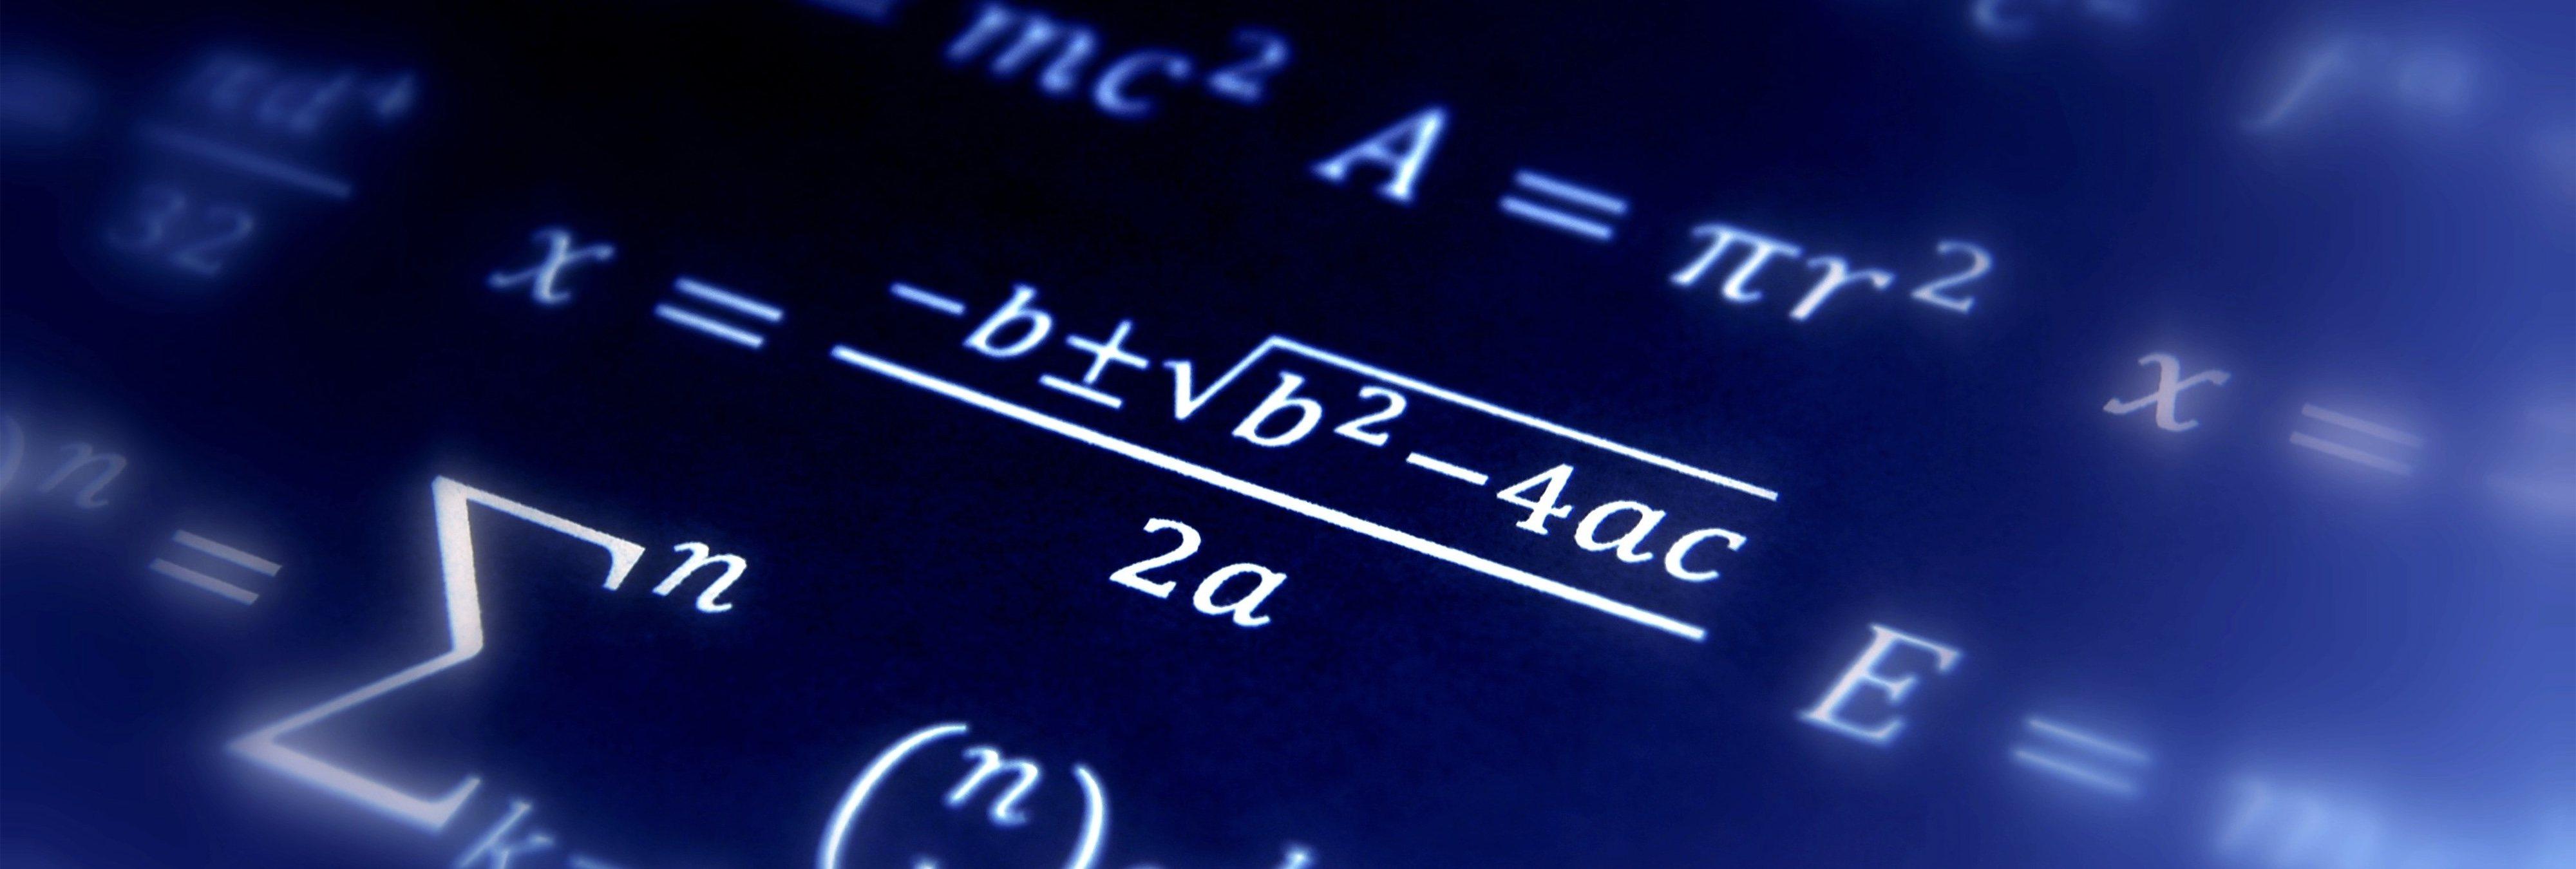 El caso de Jason Padgett: se convirtió en un genio de las matemáticas una violenta pelea